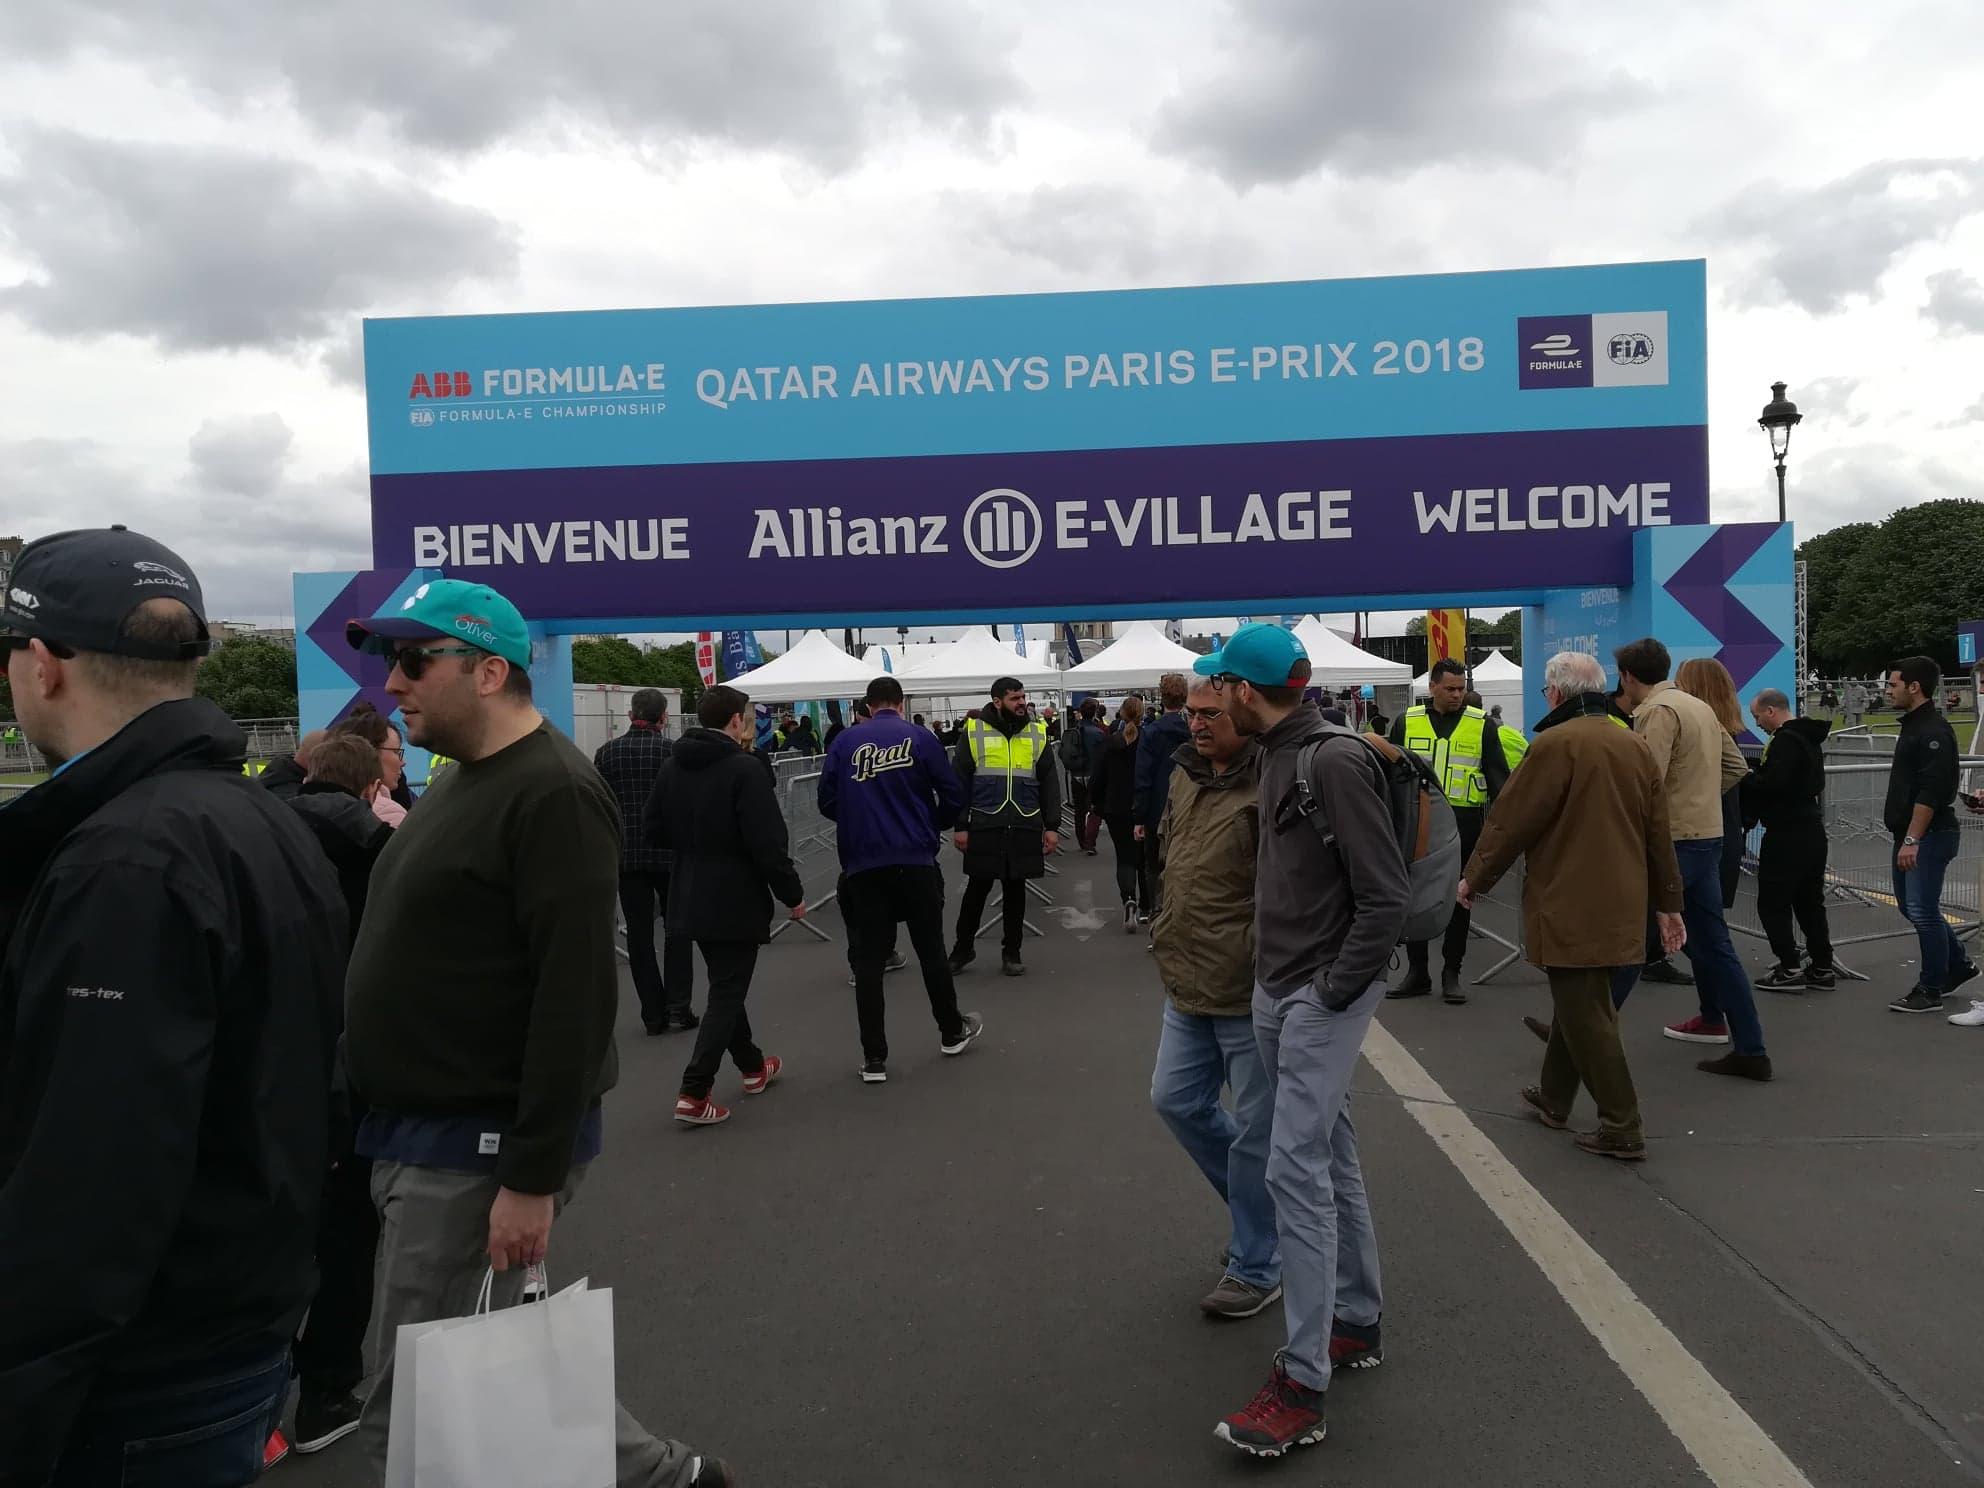 L'entrée du Allianz E-VILLAGE